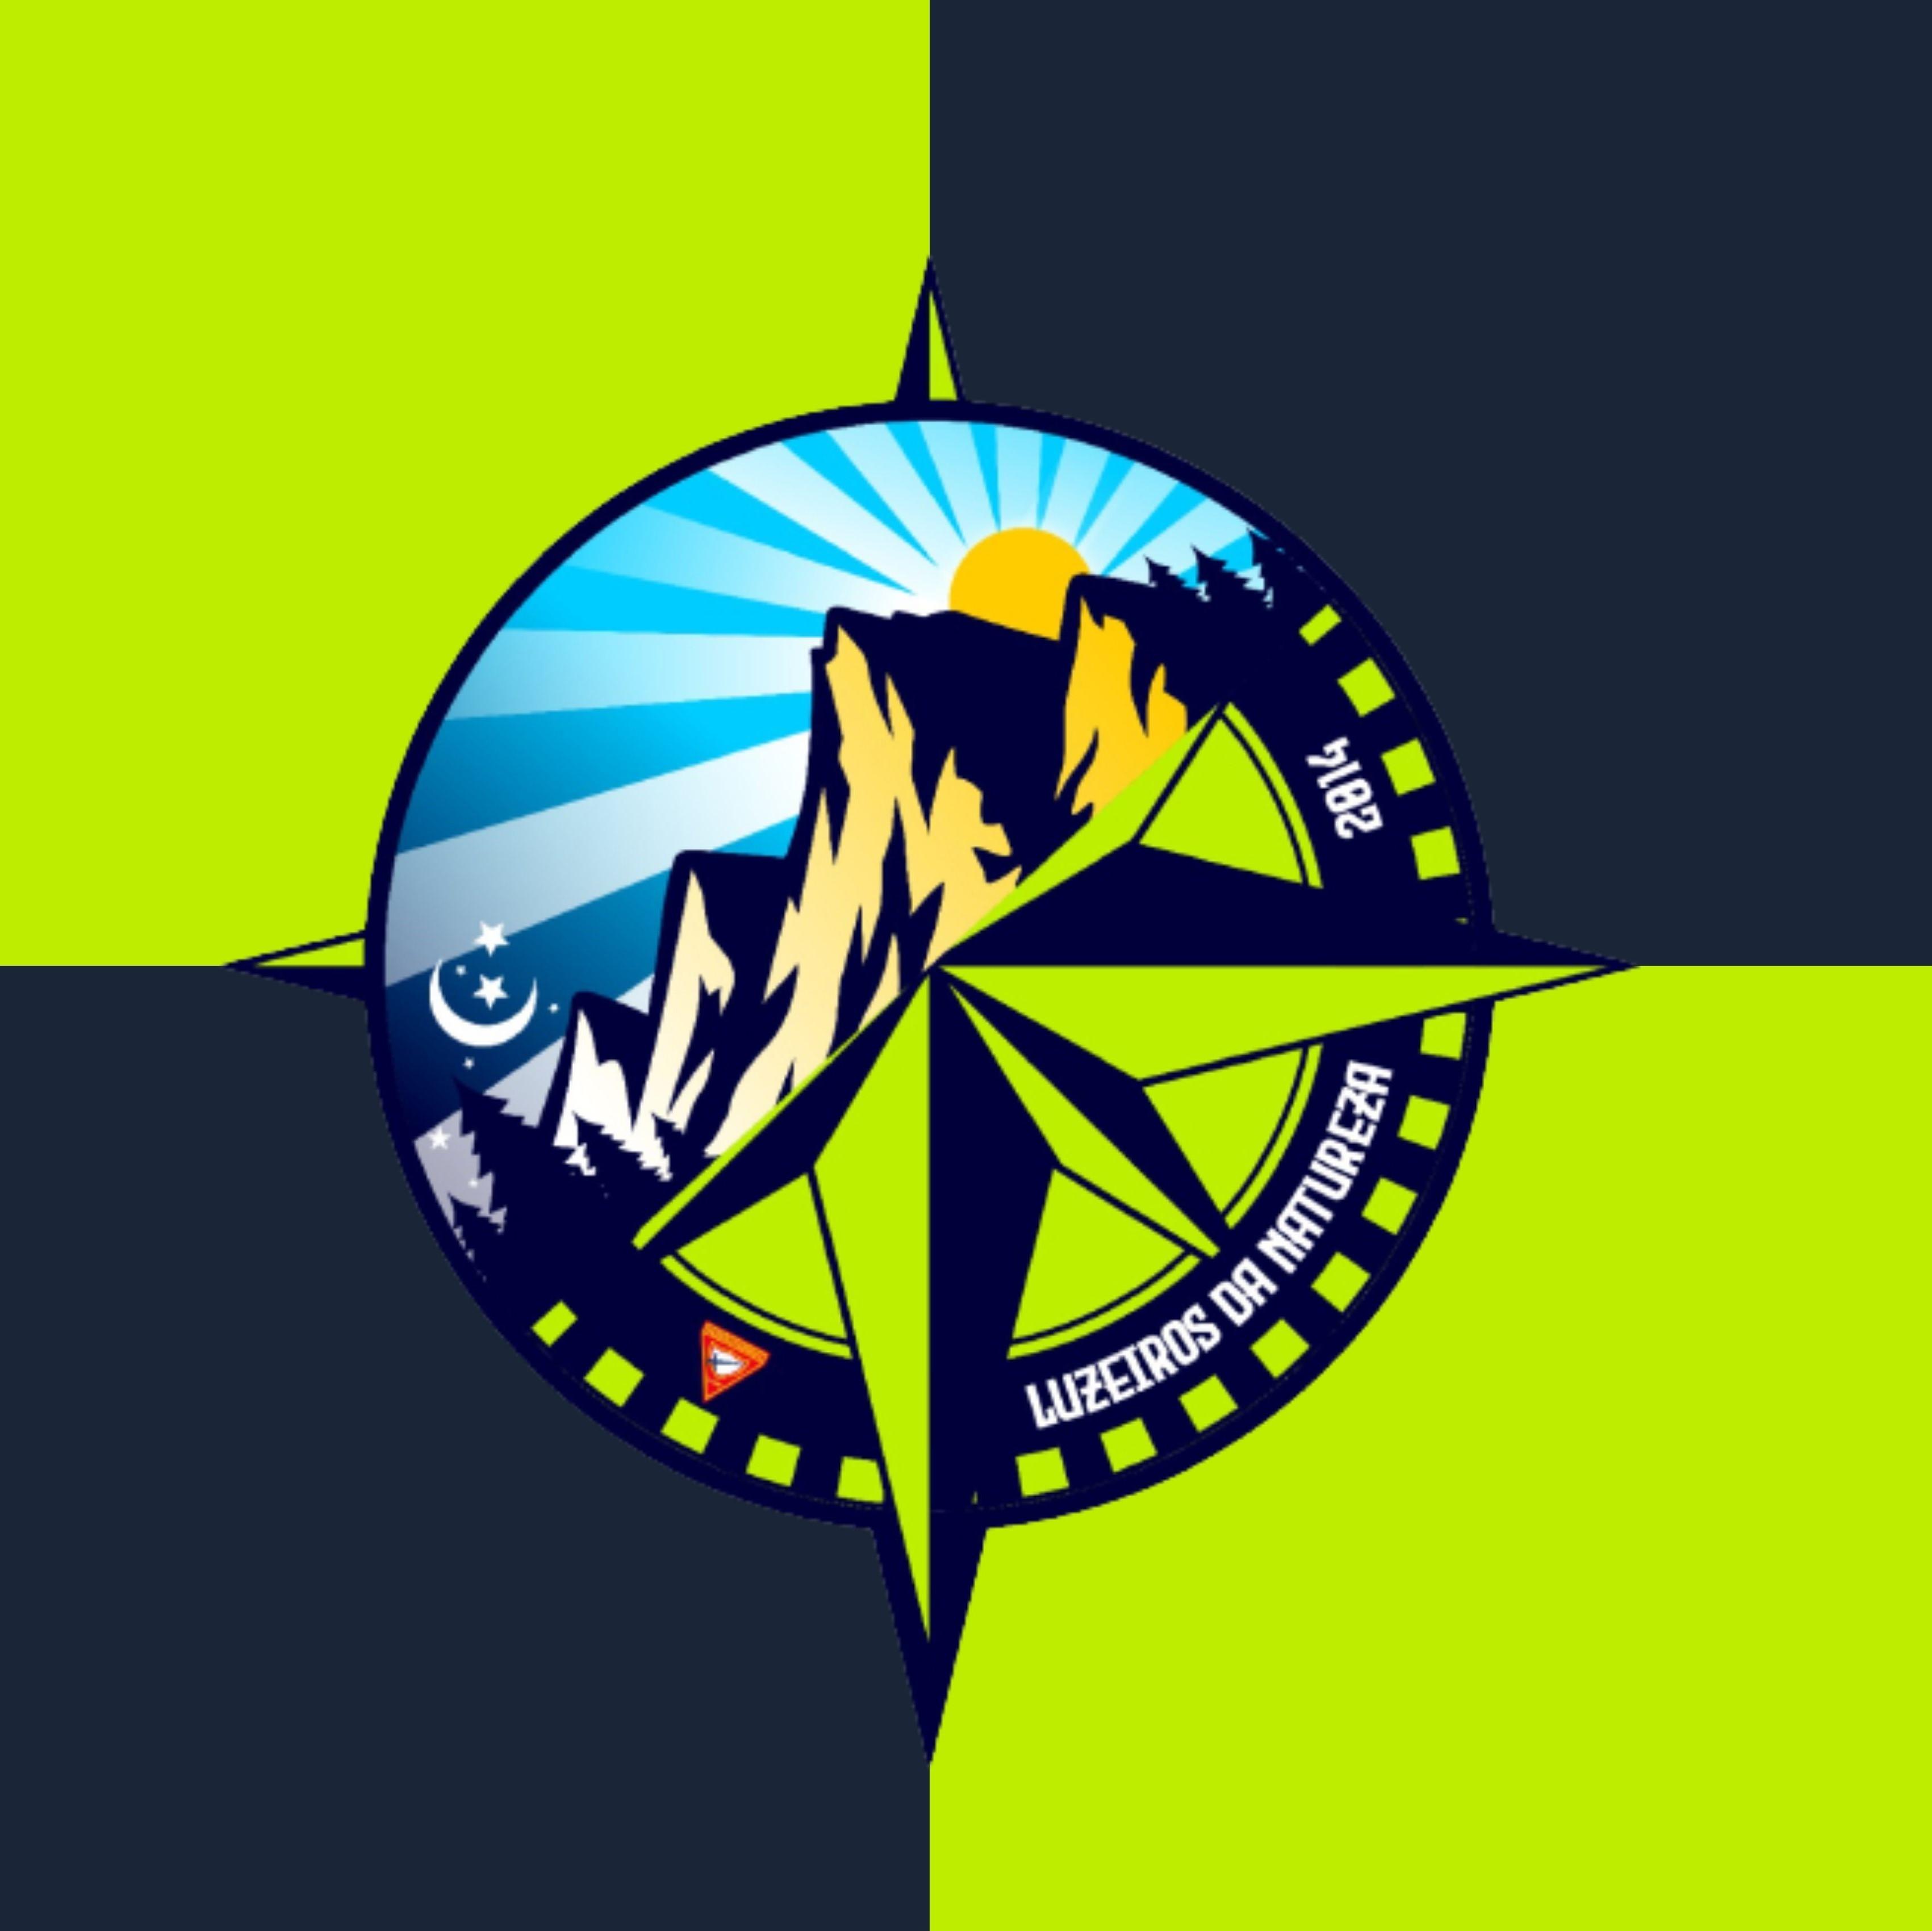 Luzeiros da Natureza